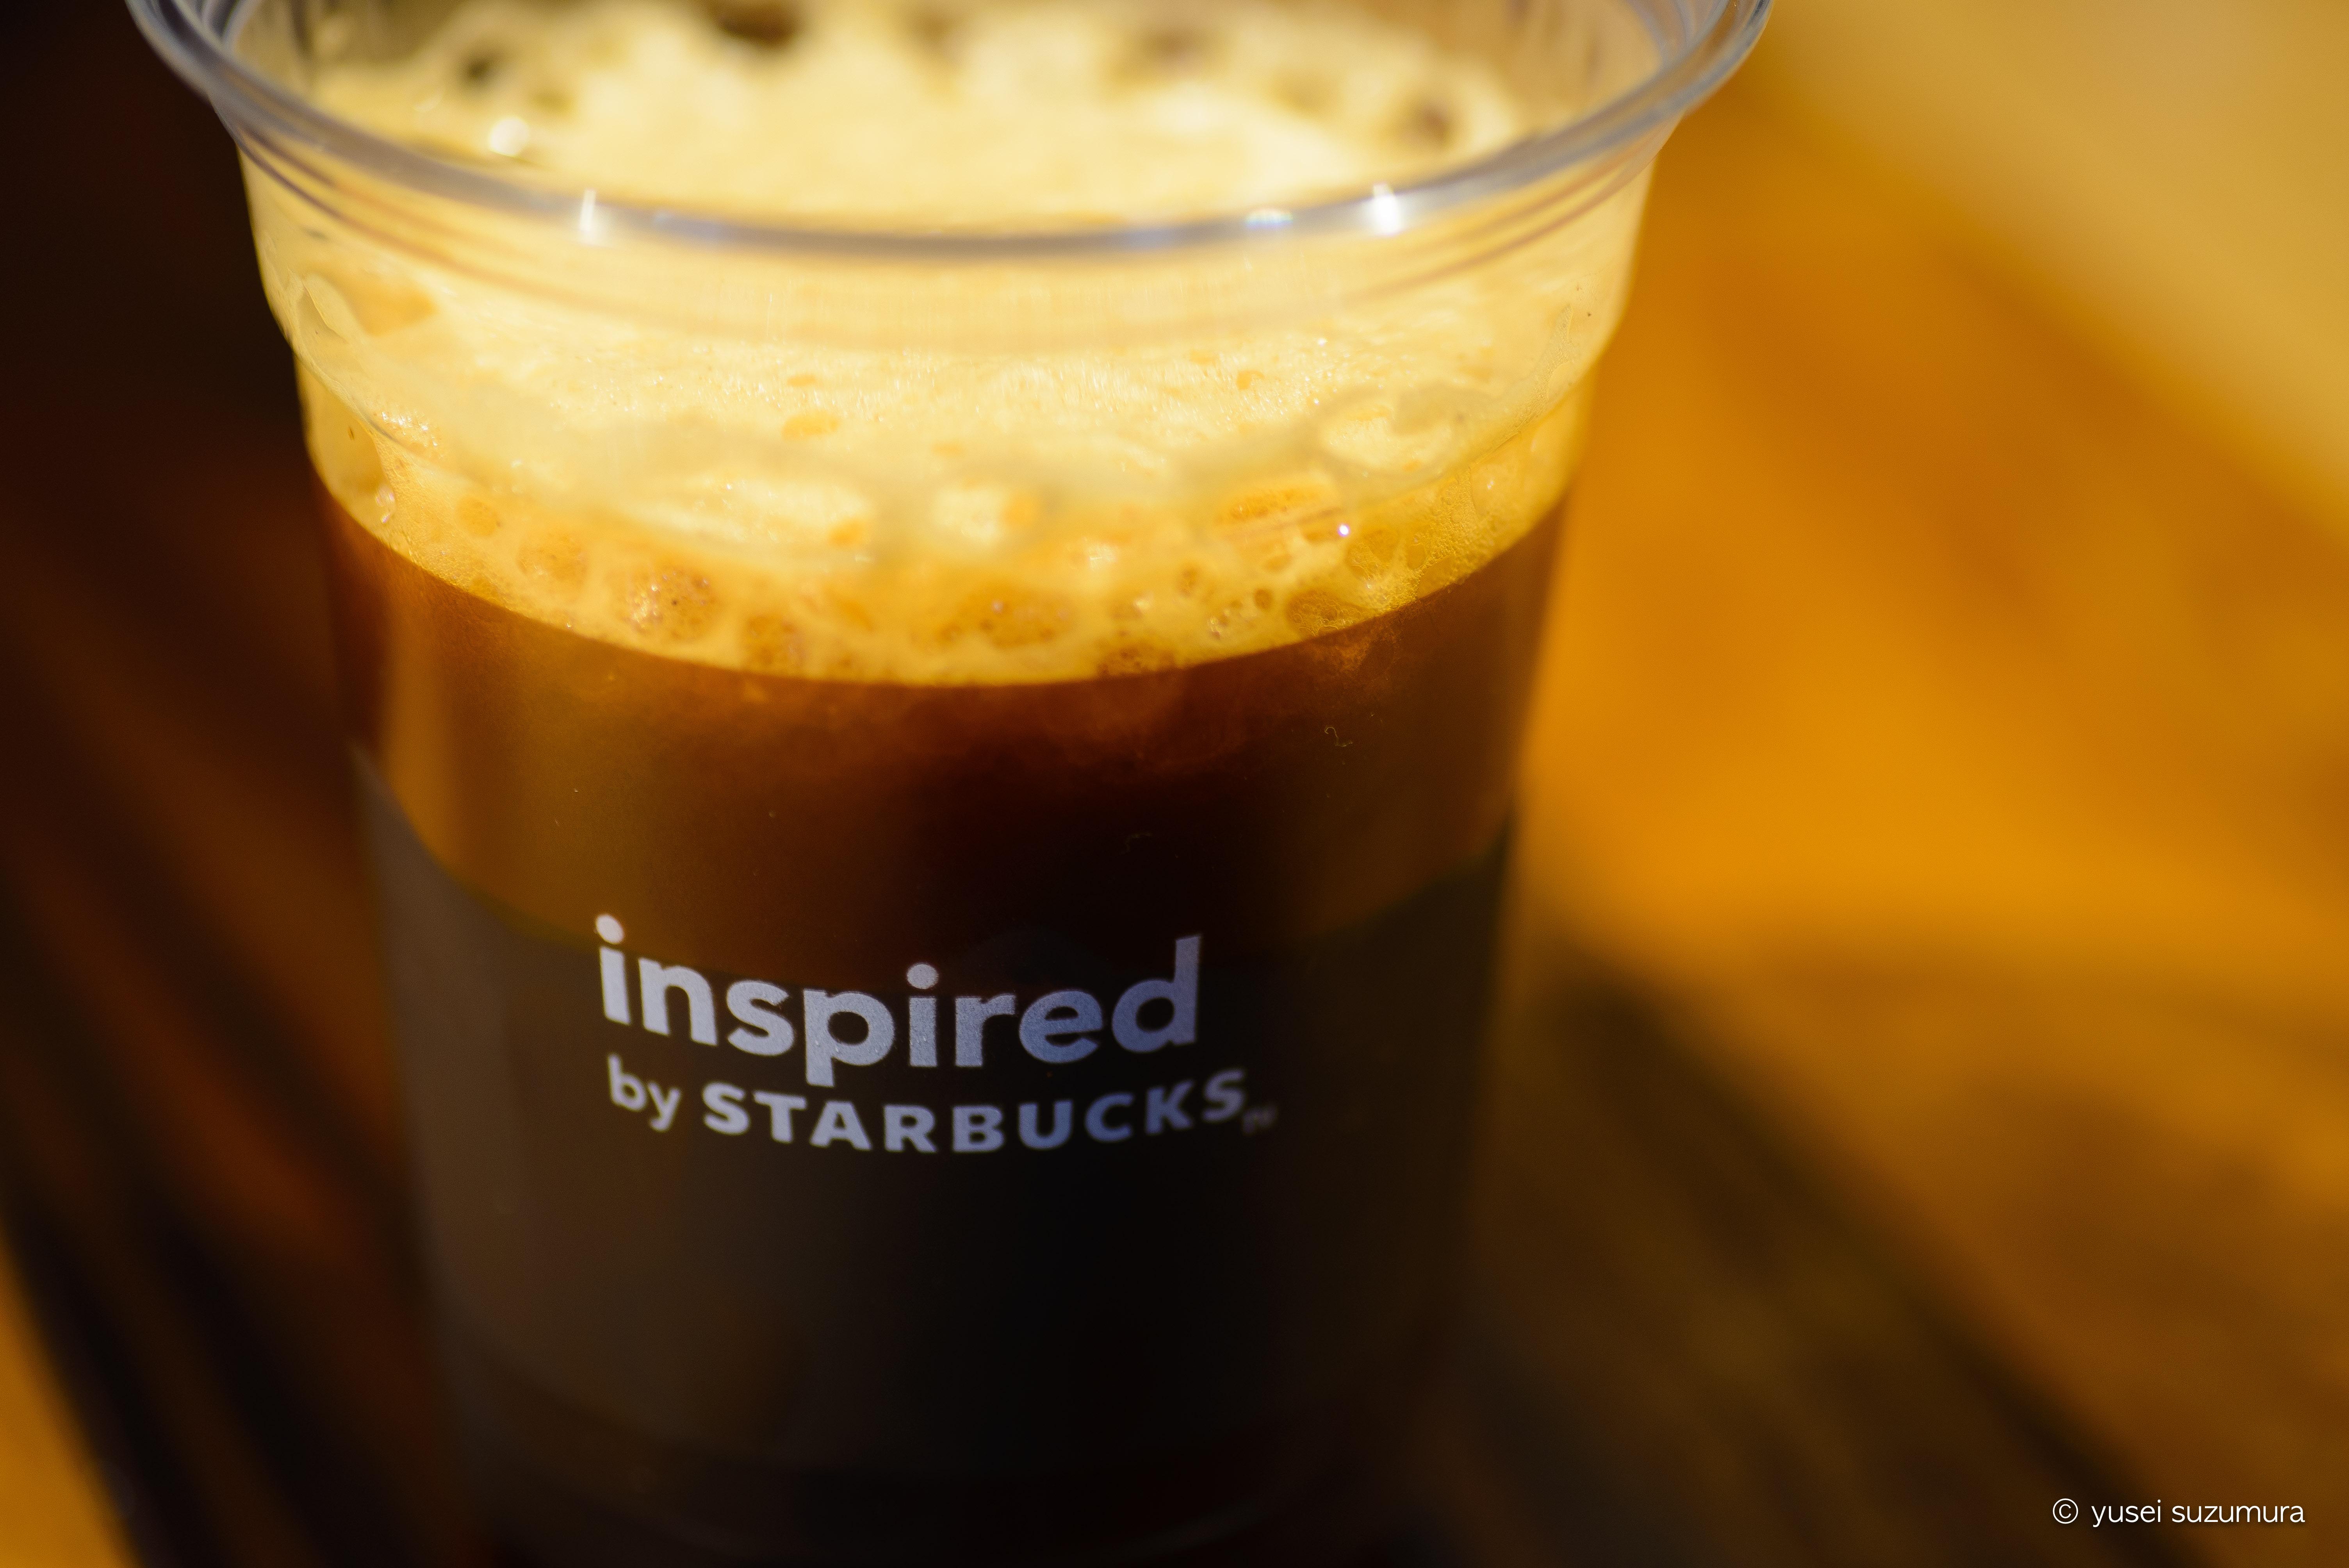 お酒が飲めるおしゃれなスタバ「inspired by STARBUCKS」に行ってきた。